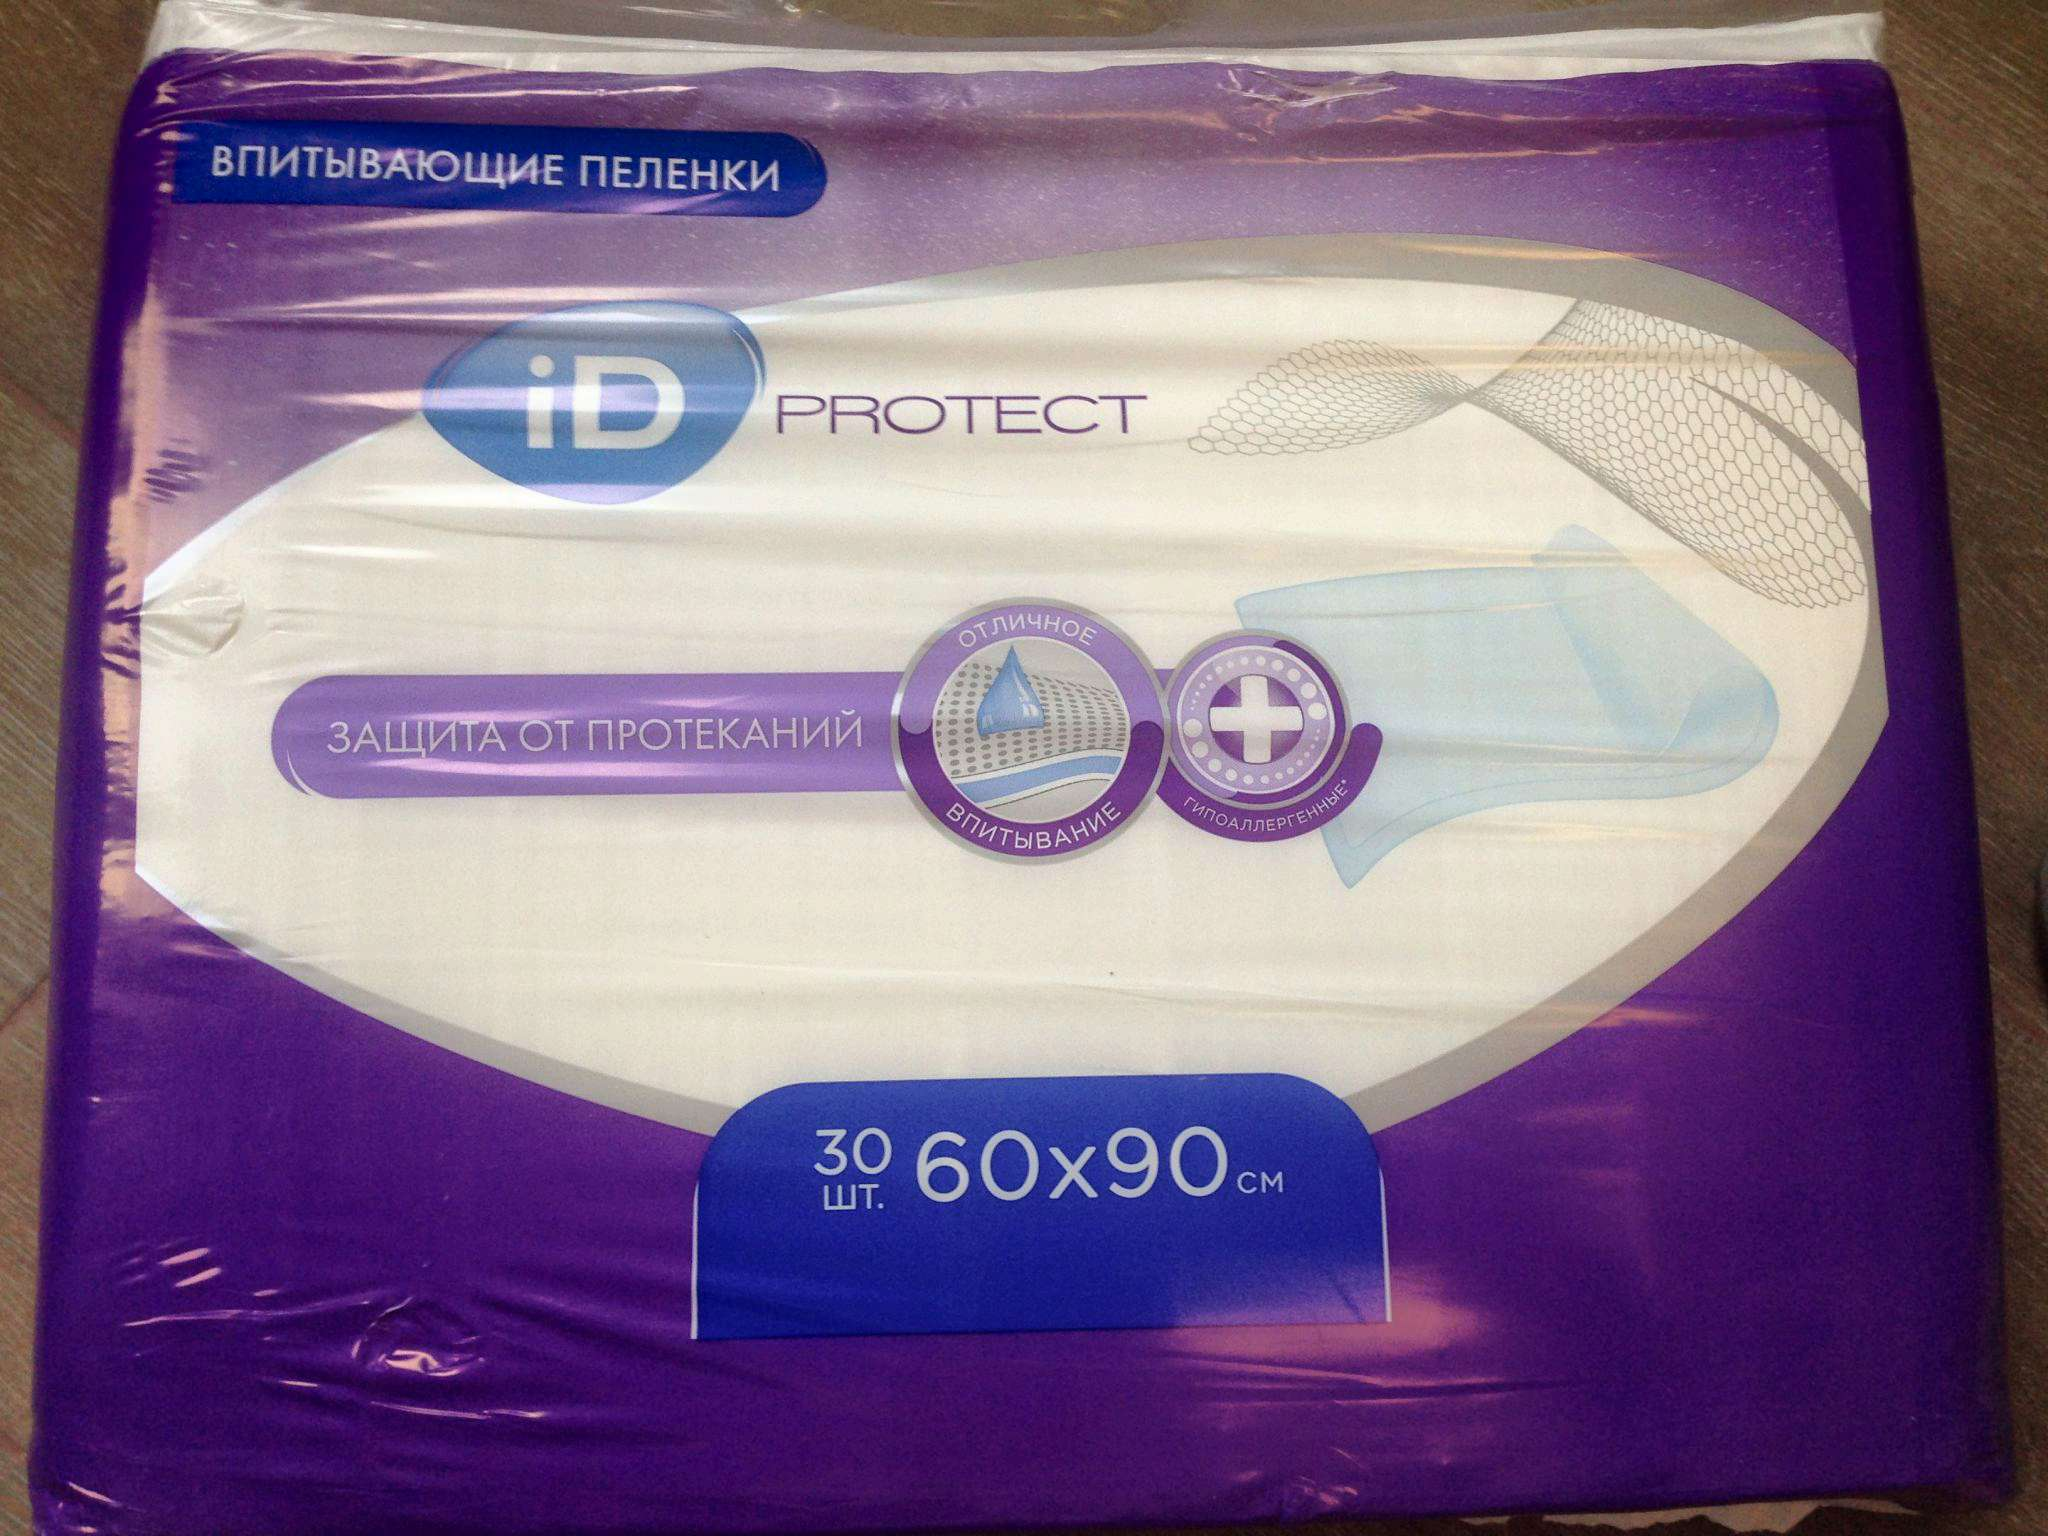 Пелёнки одноразовые впитывающие iD Protect 60x90 30 шт — купить в ... 40eaccdfe2f